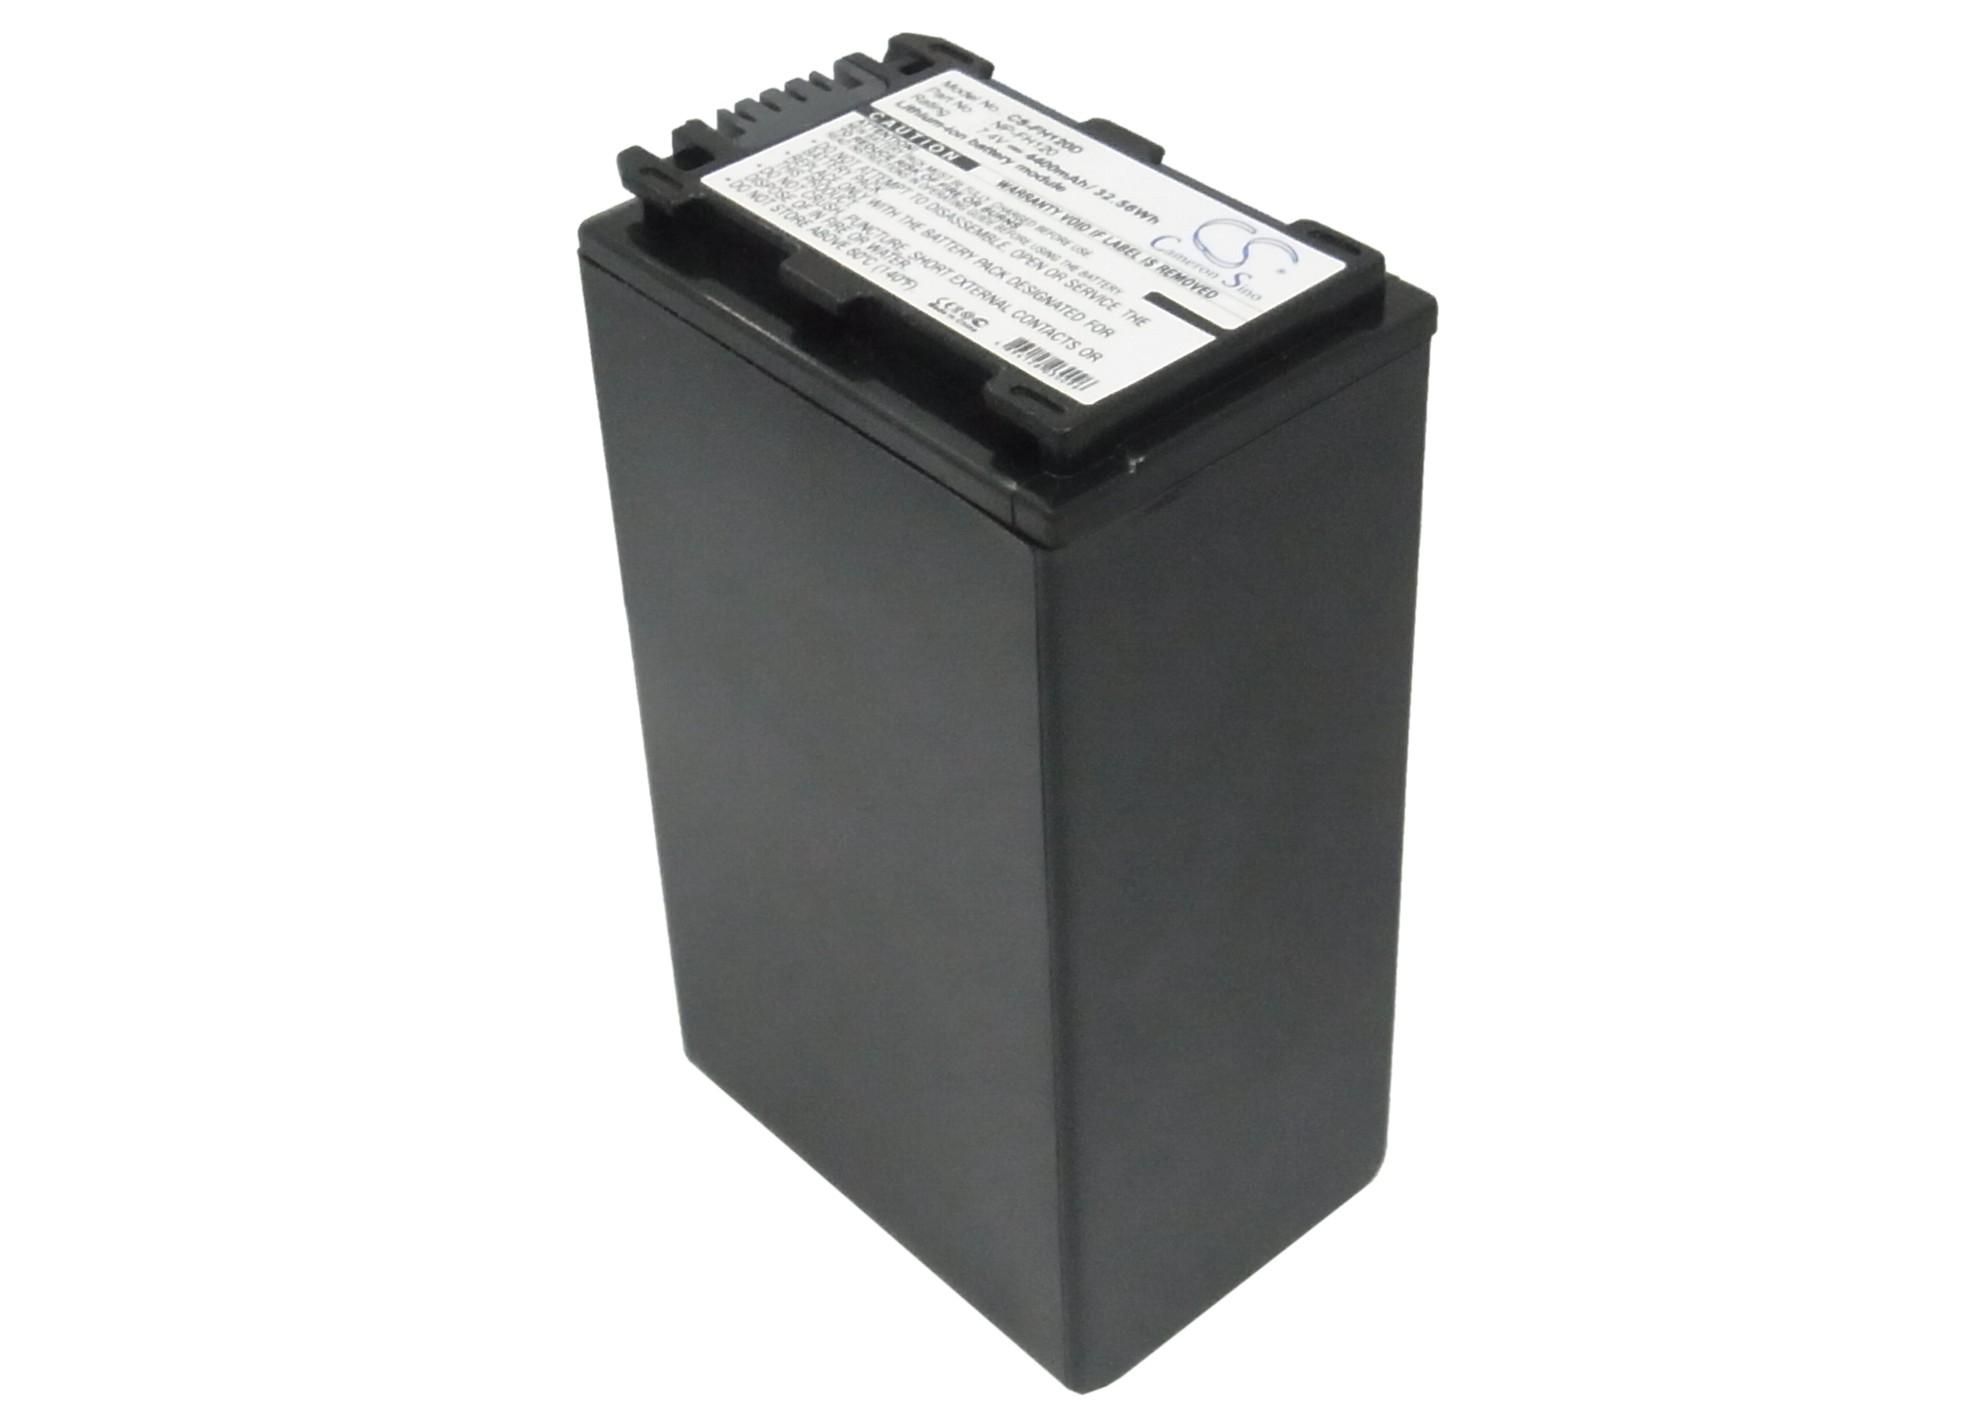 Cameron Sino baterie do kamer a fotoaparátů pro SONY DCR-HC20E 7.4V Li-ion 4400mAh černá - neoriginální